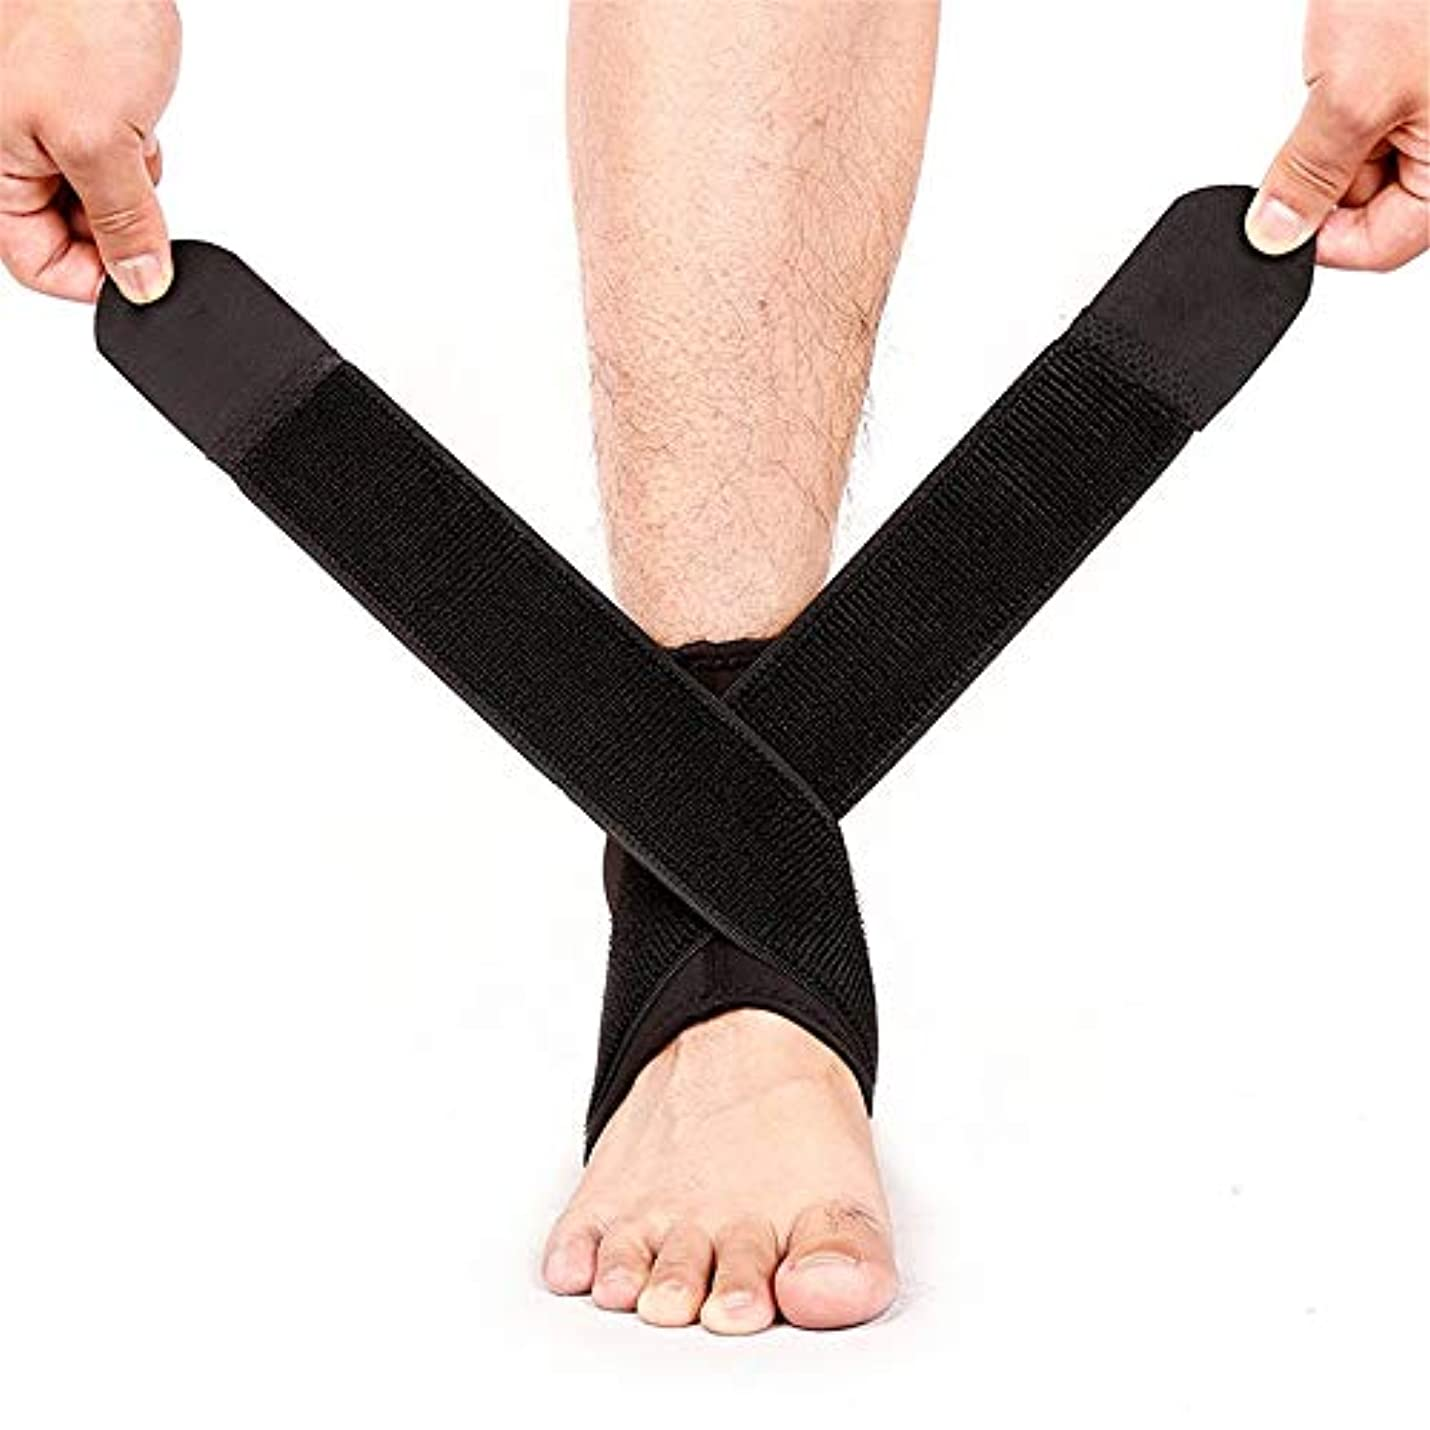 脚本家れんがアグネスグレイ足首サポート、圧縮弾性高保護スポーツ調節可能な通気性安全足首ブレース足首関節